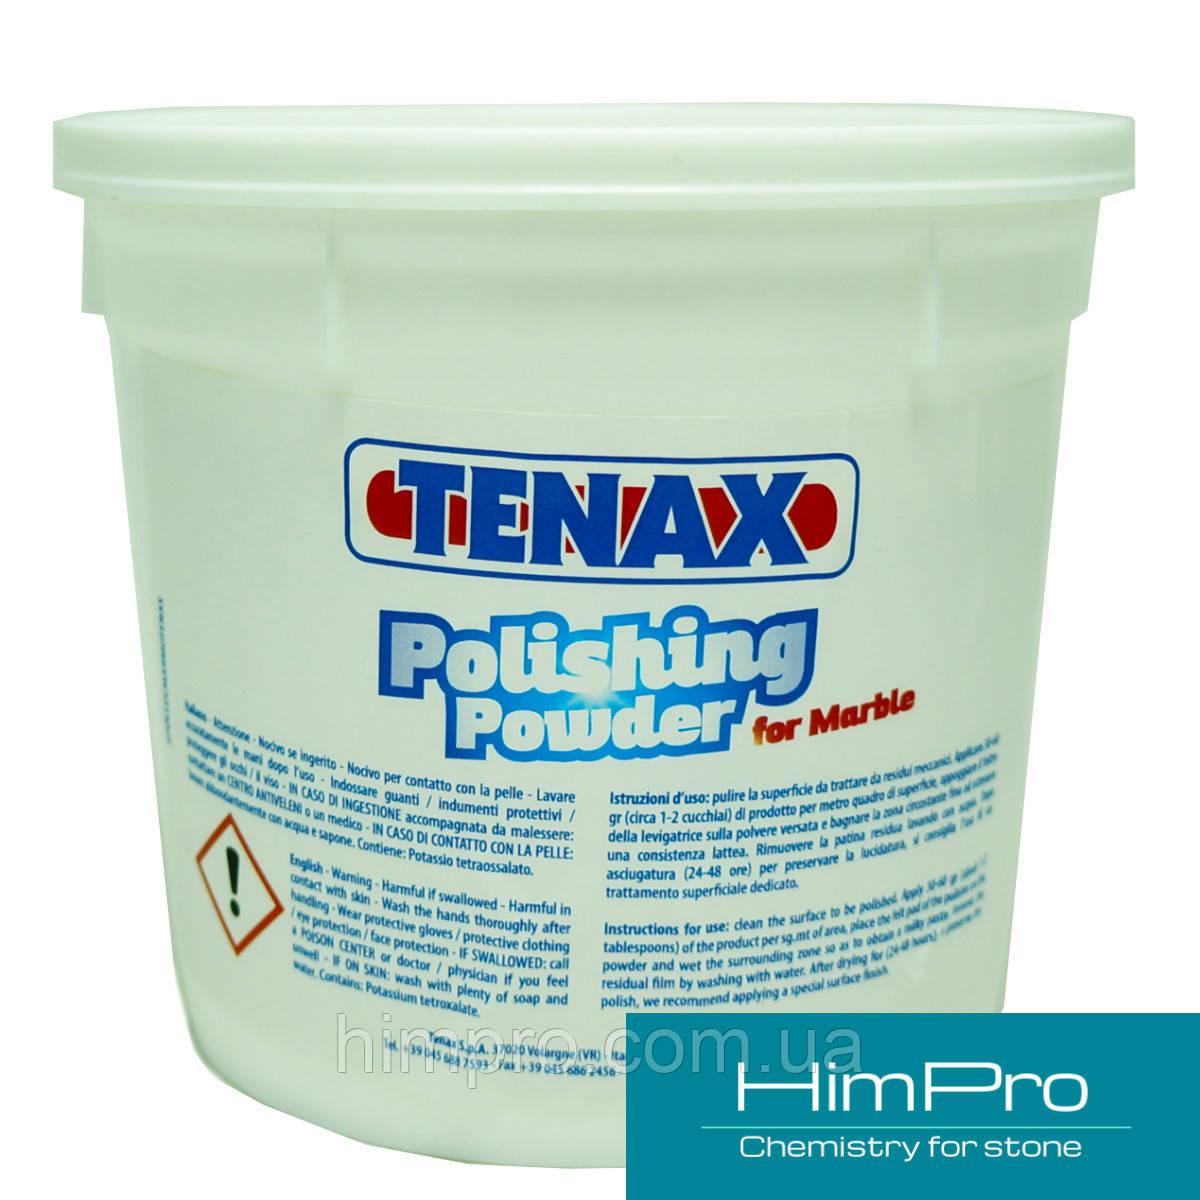 Polverete 1KG Tenax порошок полировальный для мрамора